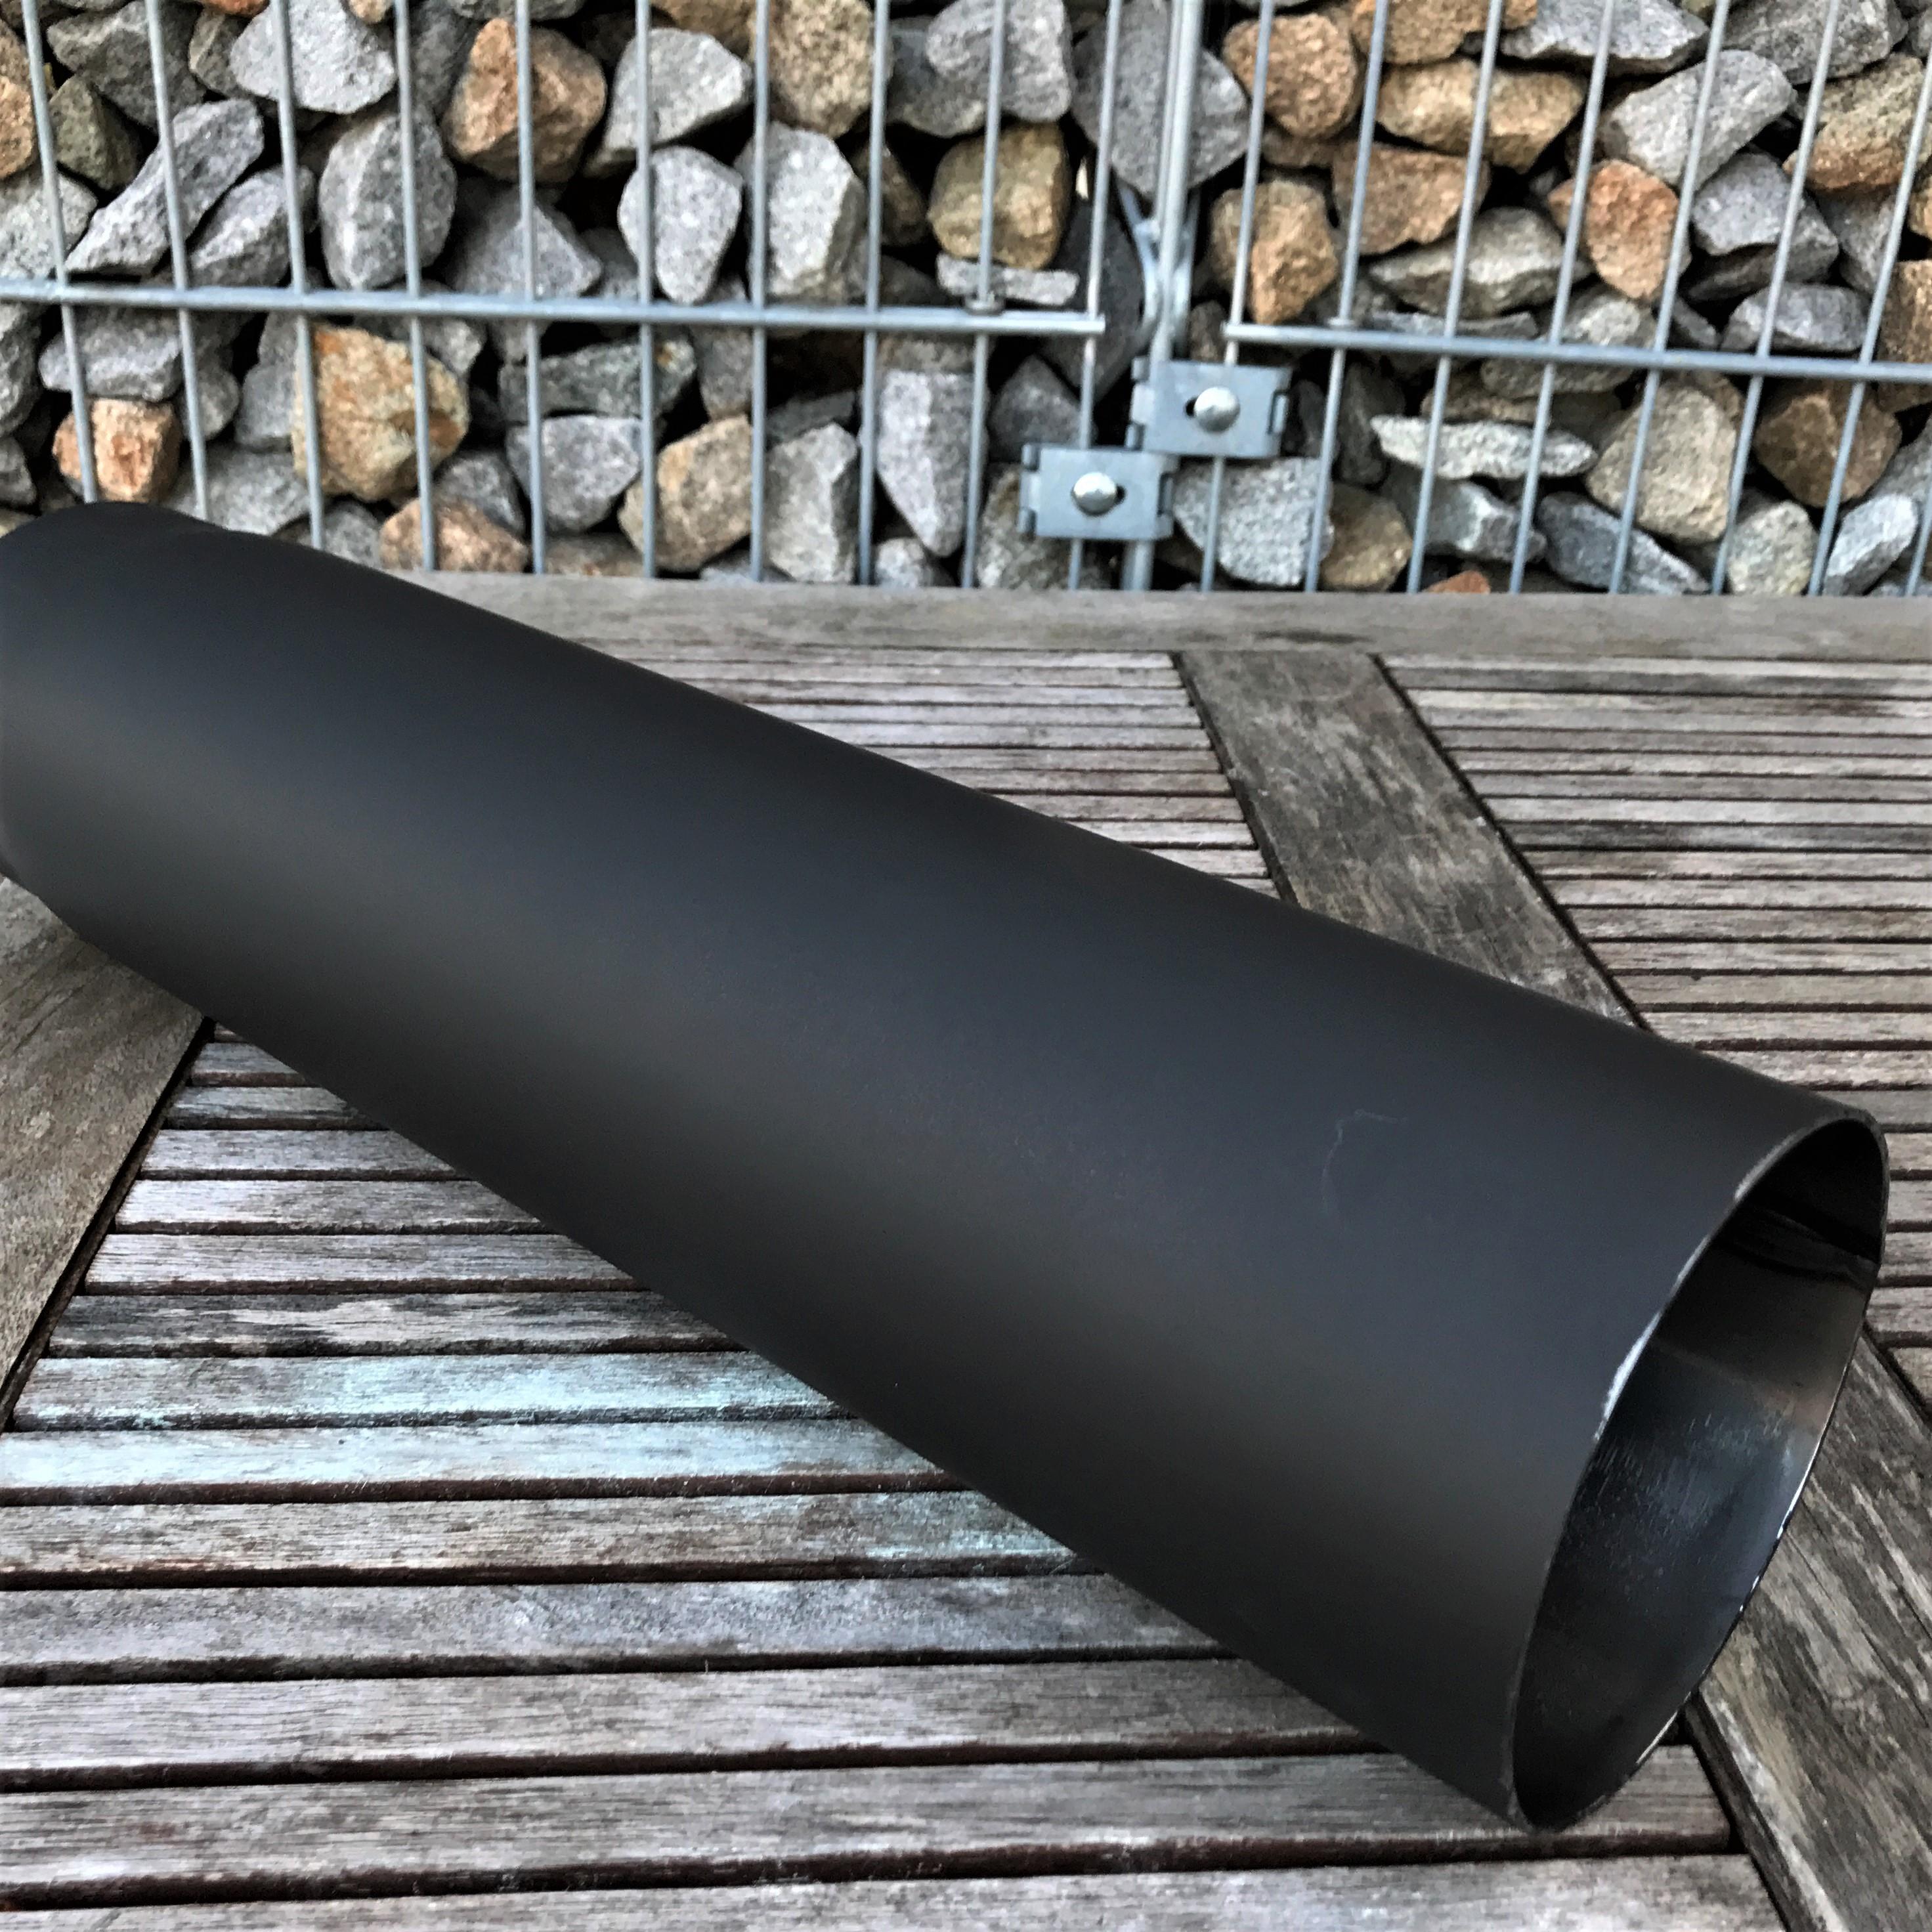 rauchrohr kaminofen abgasrohr schornstein ofenrohr schwarz 0 5m lang 150 ebay. Black Bedroom Furniture Sets. Home Design Ideas